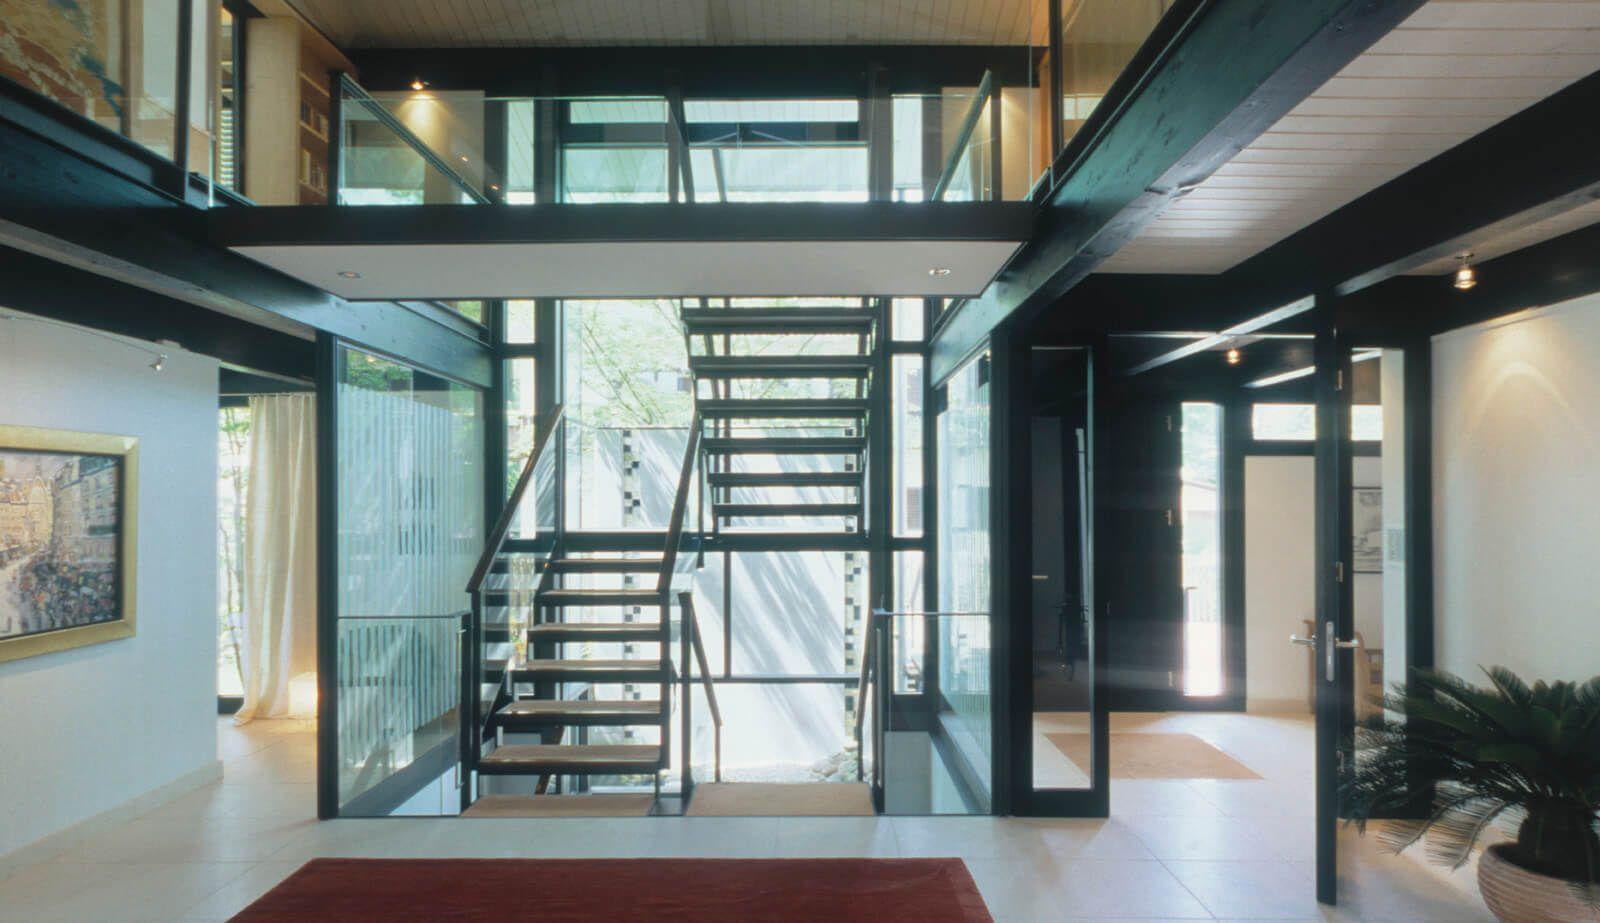 Haus Mit Höfen Atelierprojekt Mit Zwei Hauseinheiten Und